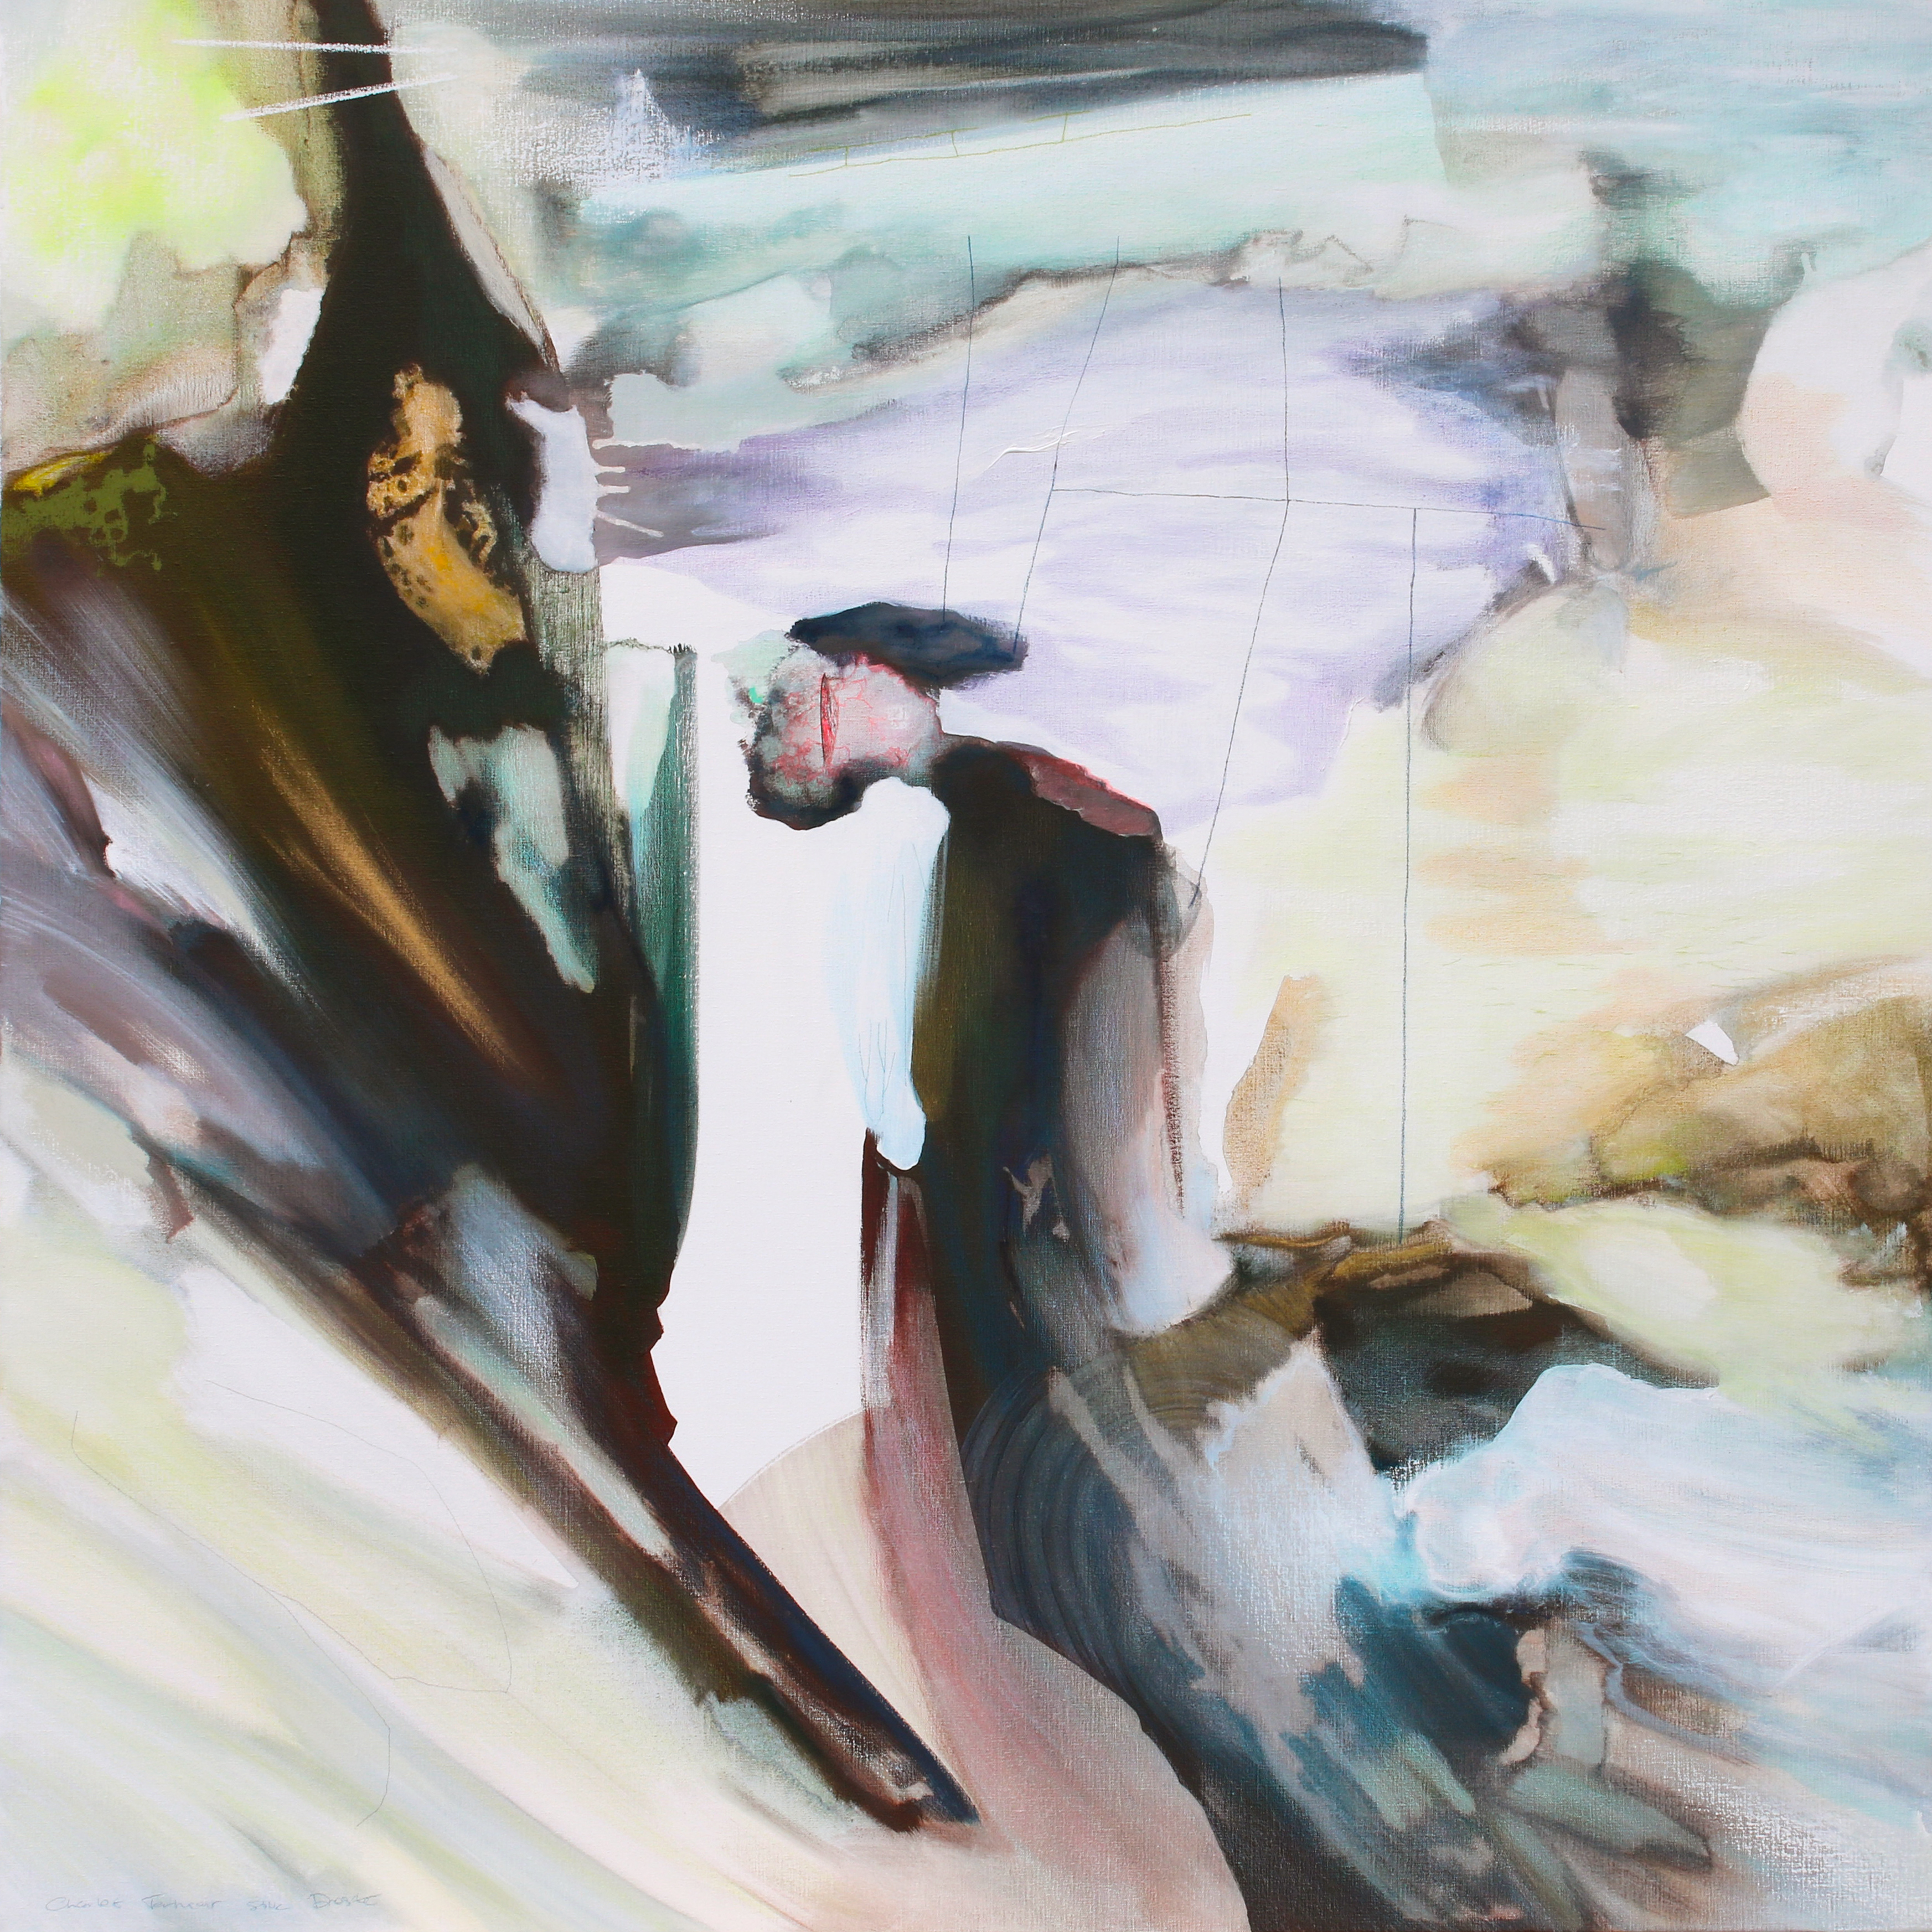 # 411 | Charlot Terhaar sive Droste